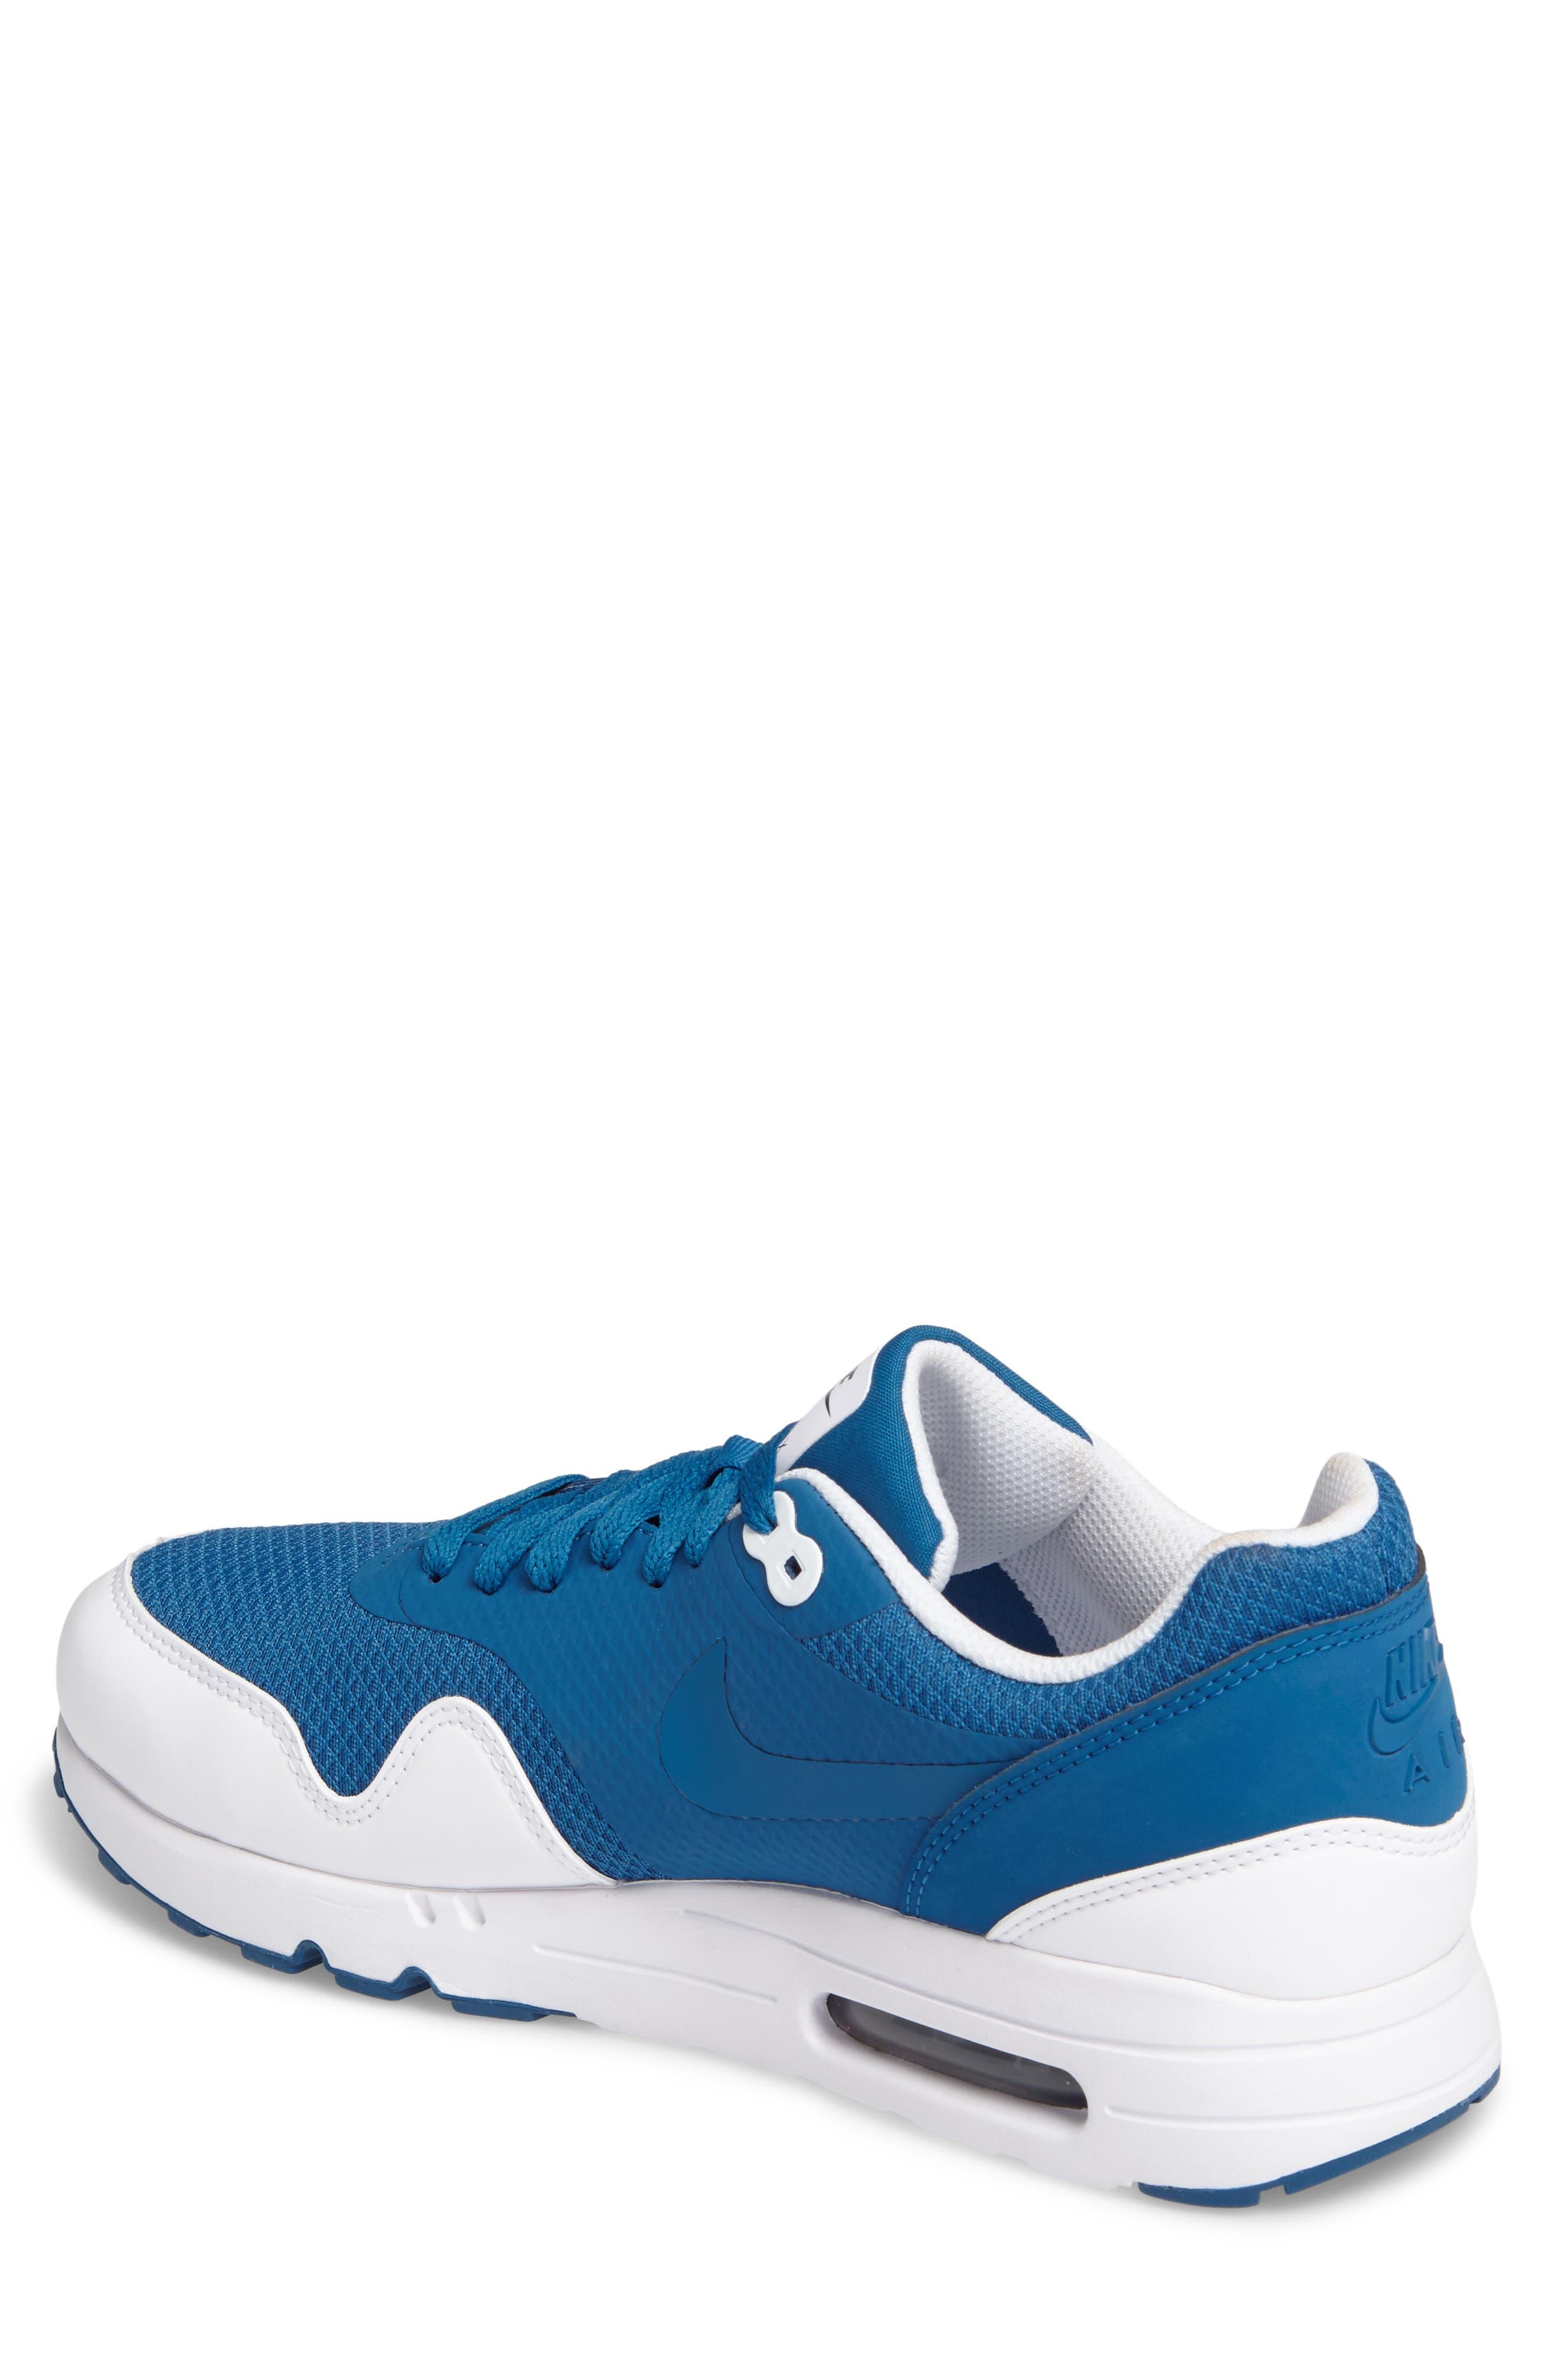 quality design b2e0f d507b ... Blue Nike Air Max Shoes Nordstrom nike air max 2016 ...